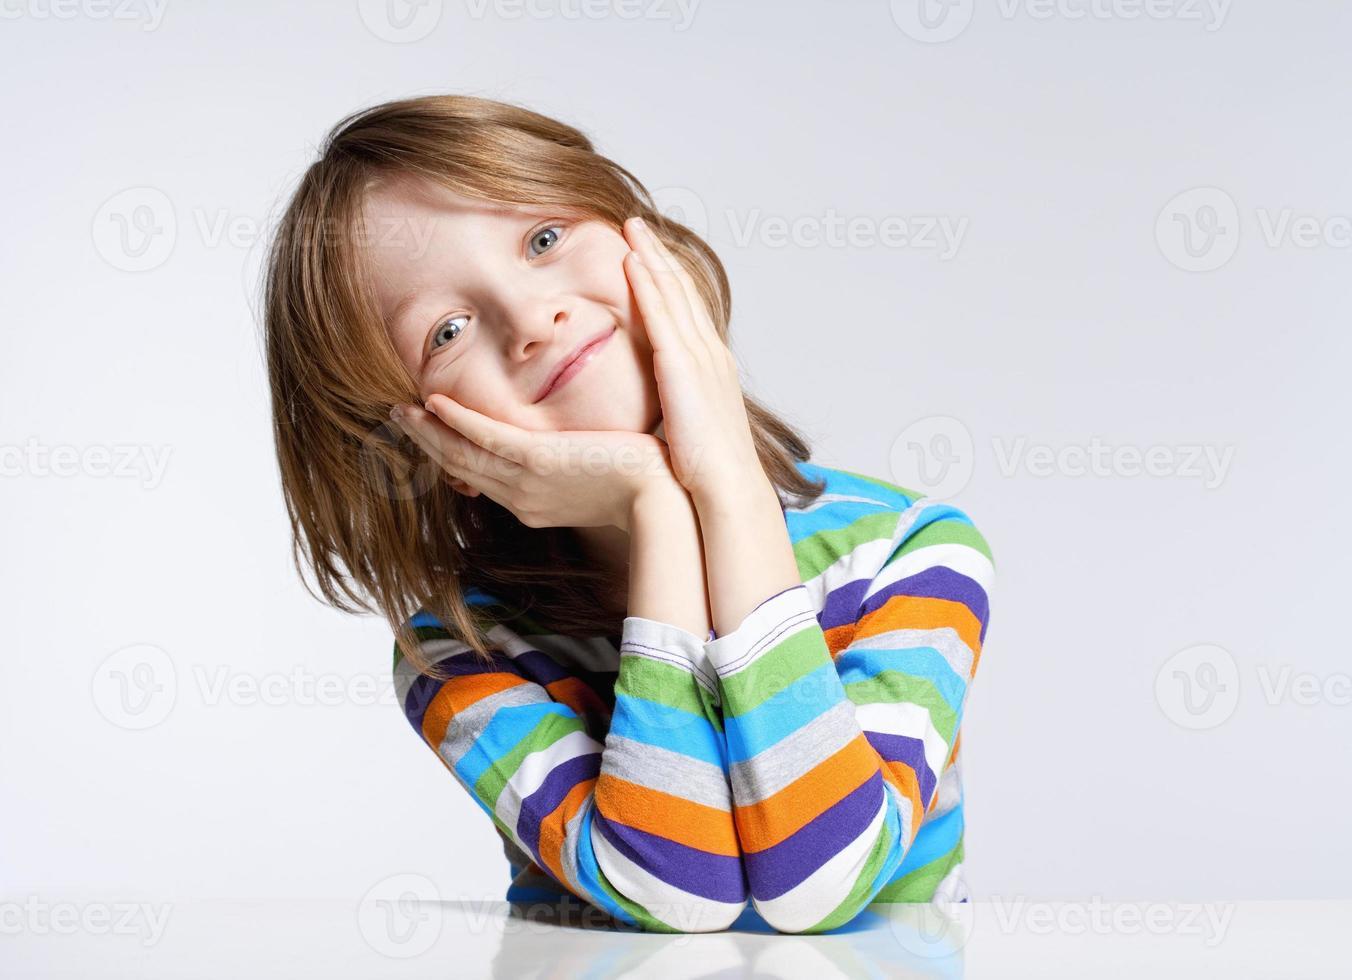 Porträt eines Jungen mit blonden Haaren foto